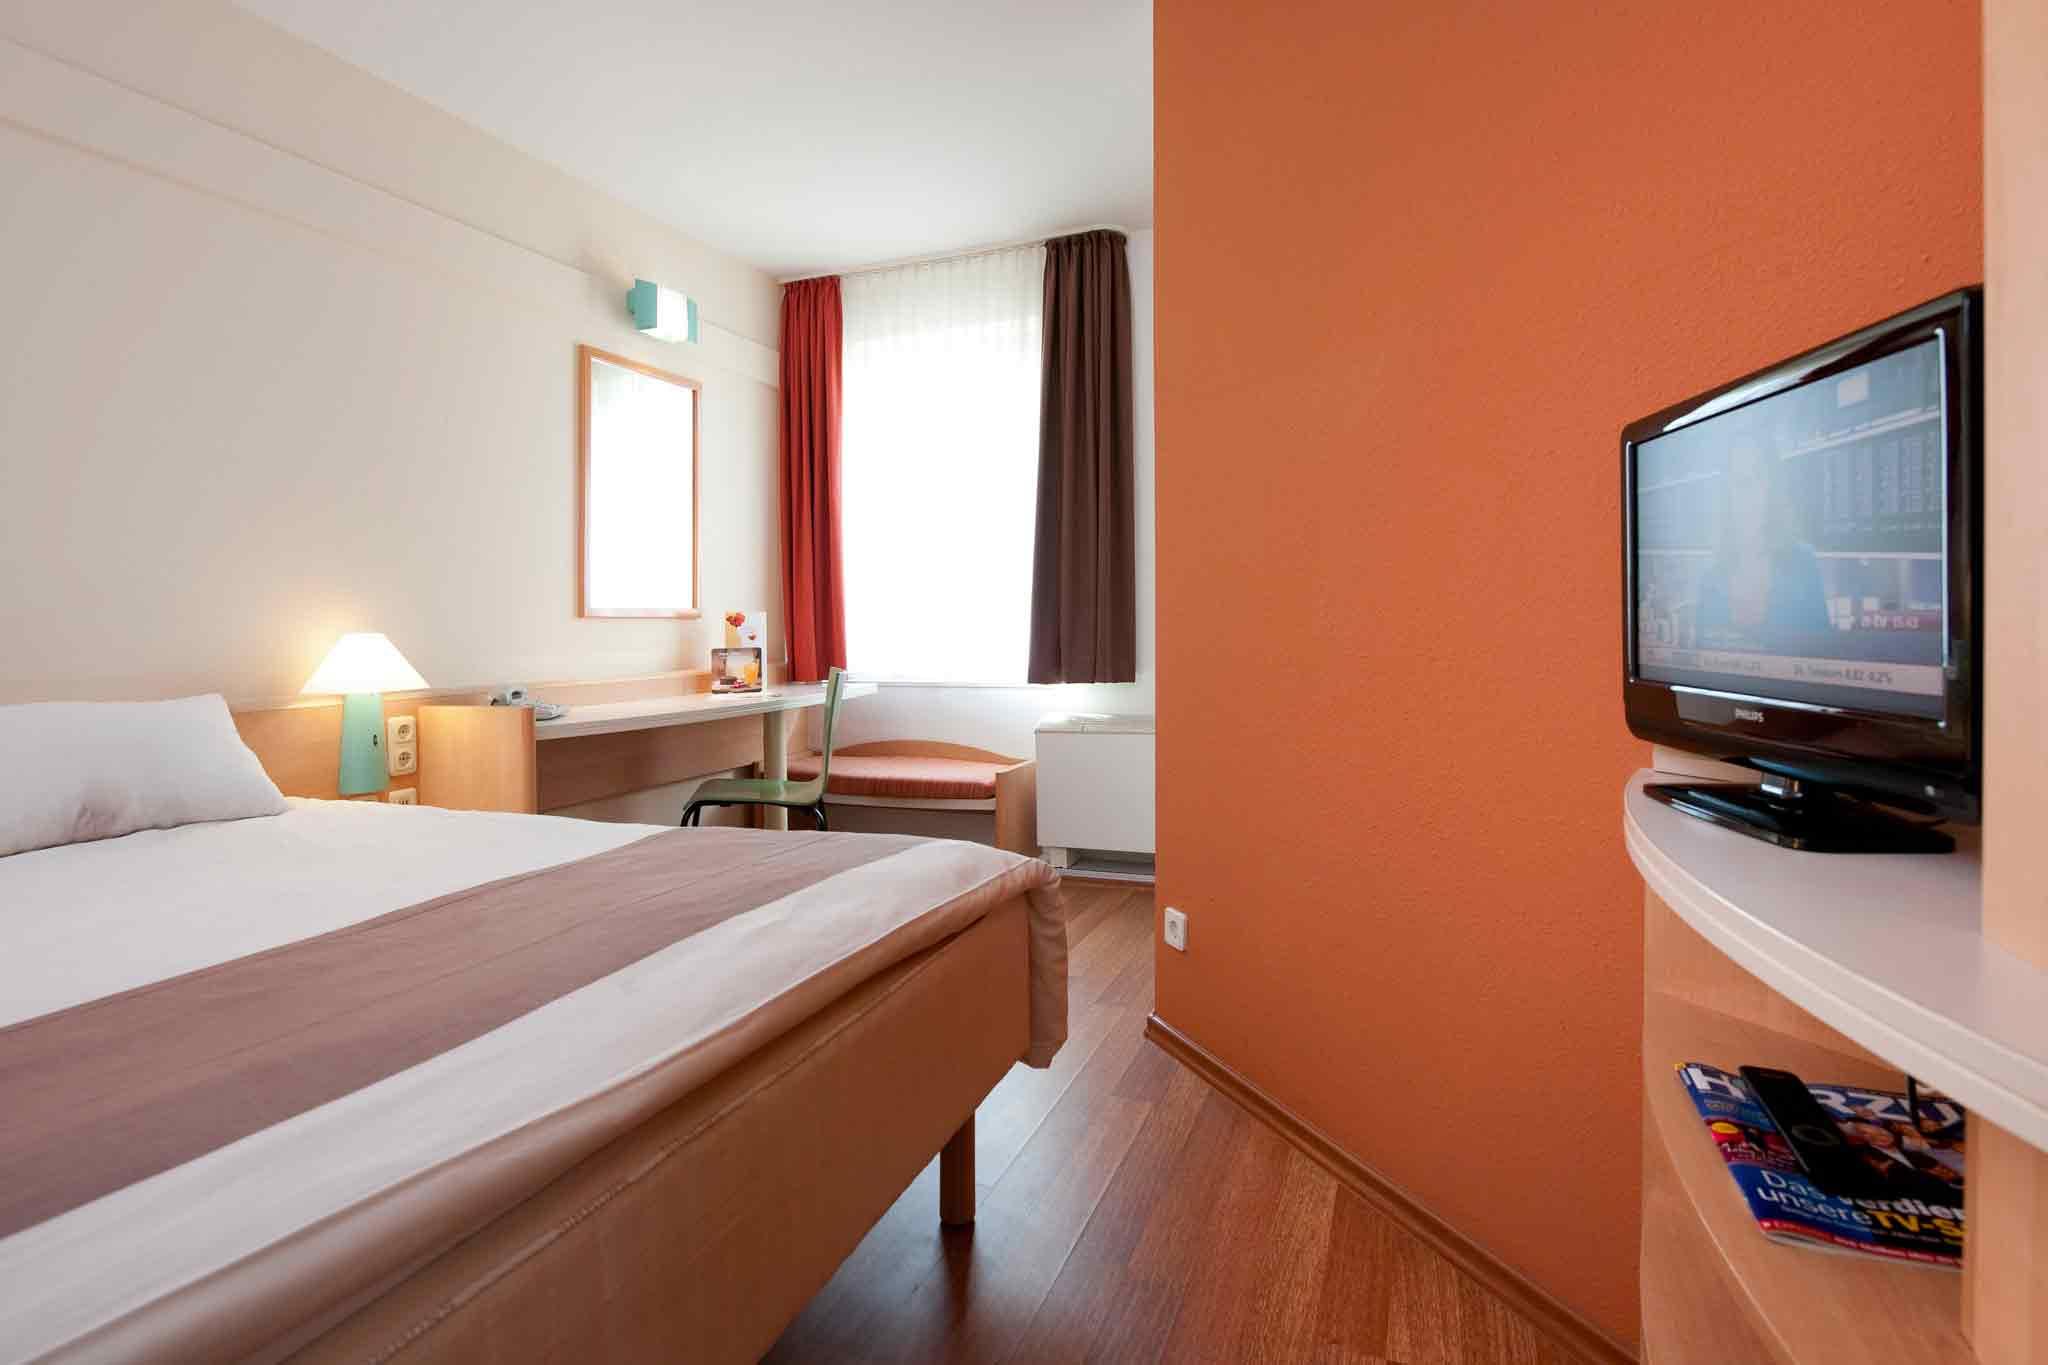 Ibis Hotel Bonn Zimmeransicht